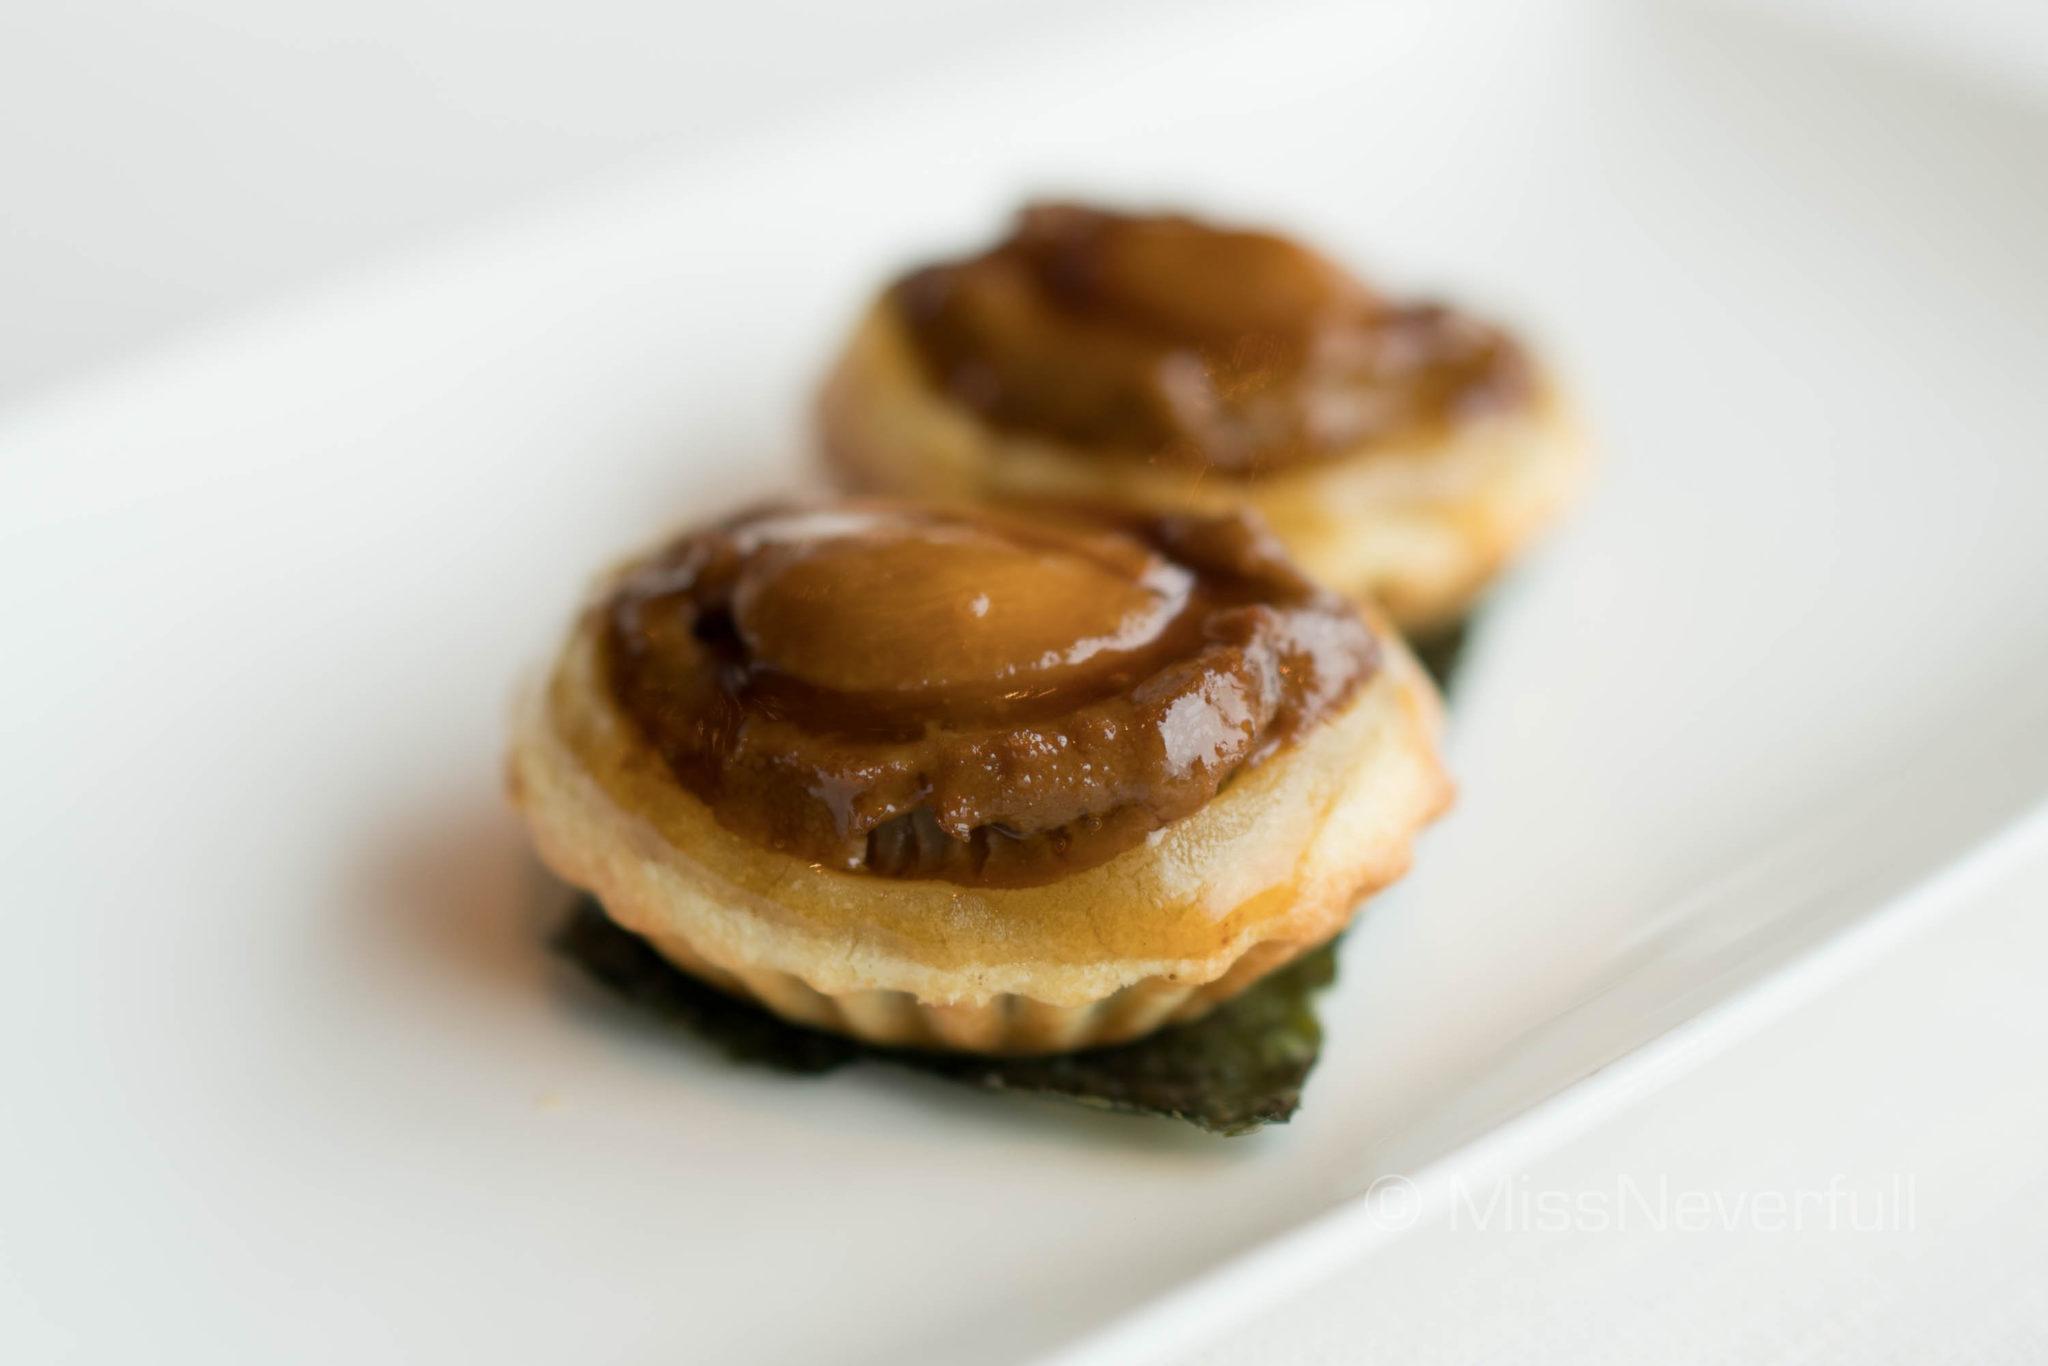 燒鵝鮑魚酥 Baked abalone puff with roasted goose (HK$138/2 pieces)